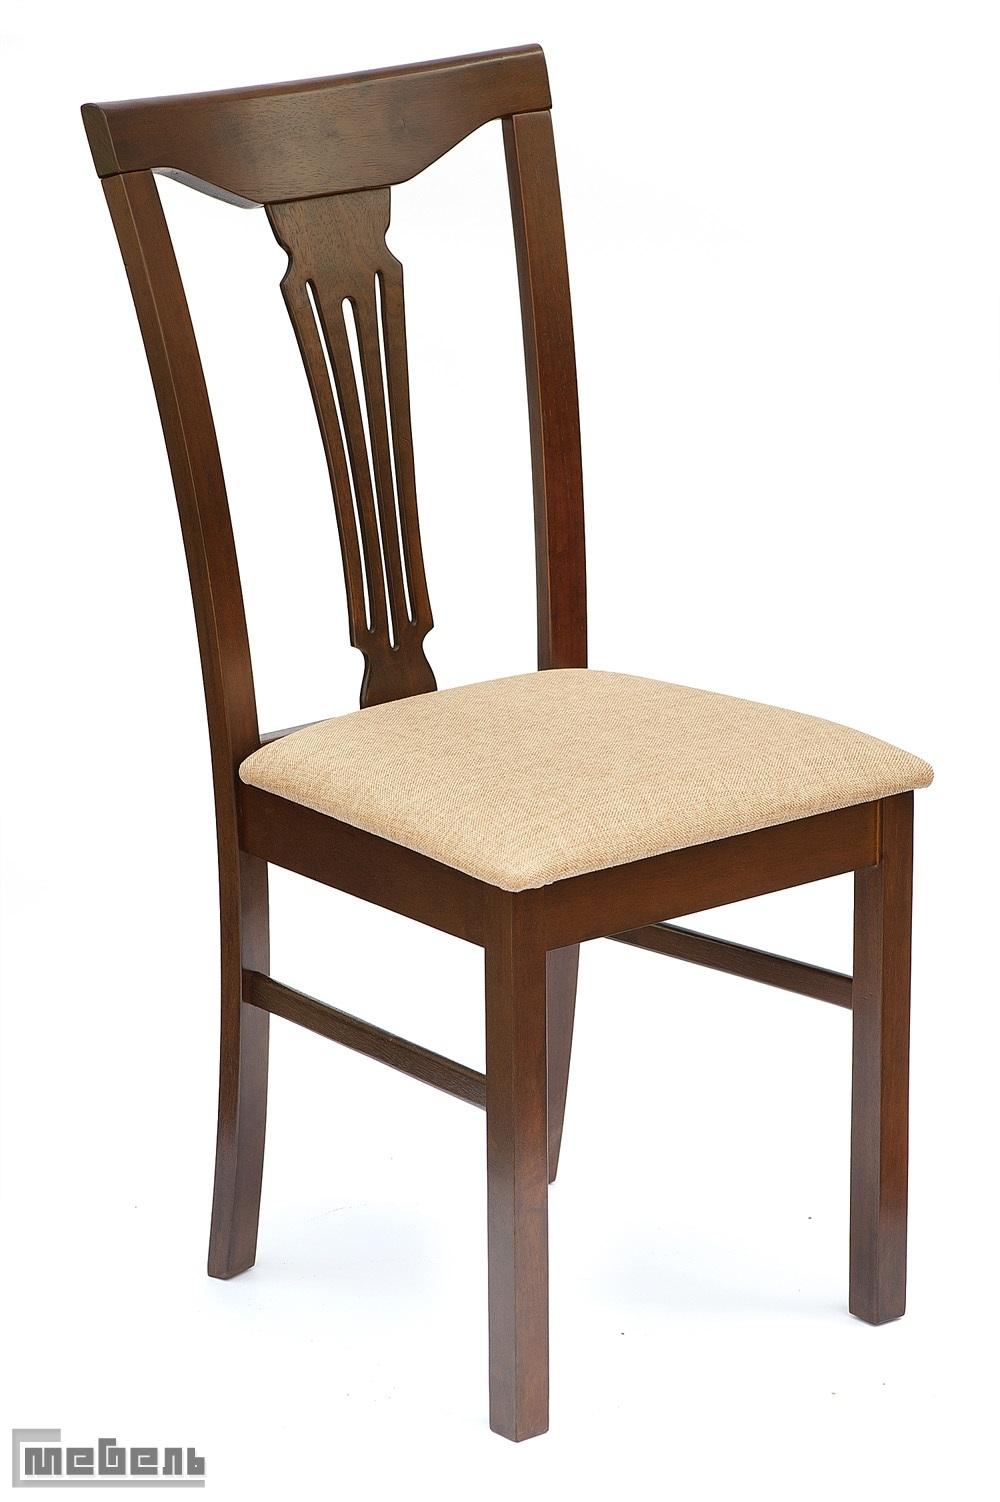 """Стул с мягким сиденьем """"Гермес"""" (Hermes) цвет: Тёмный орех (Cappuccino)"""